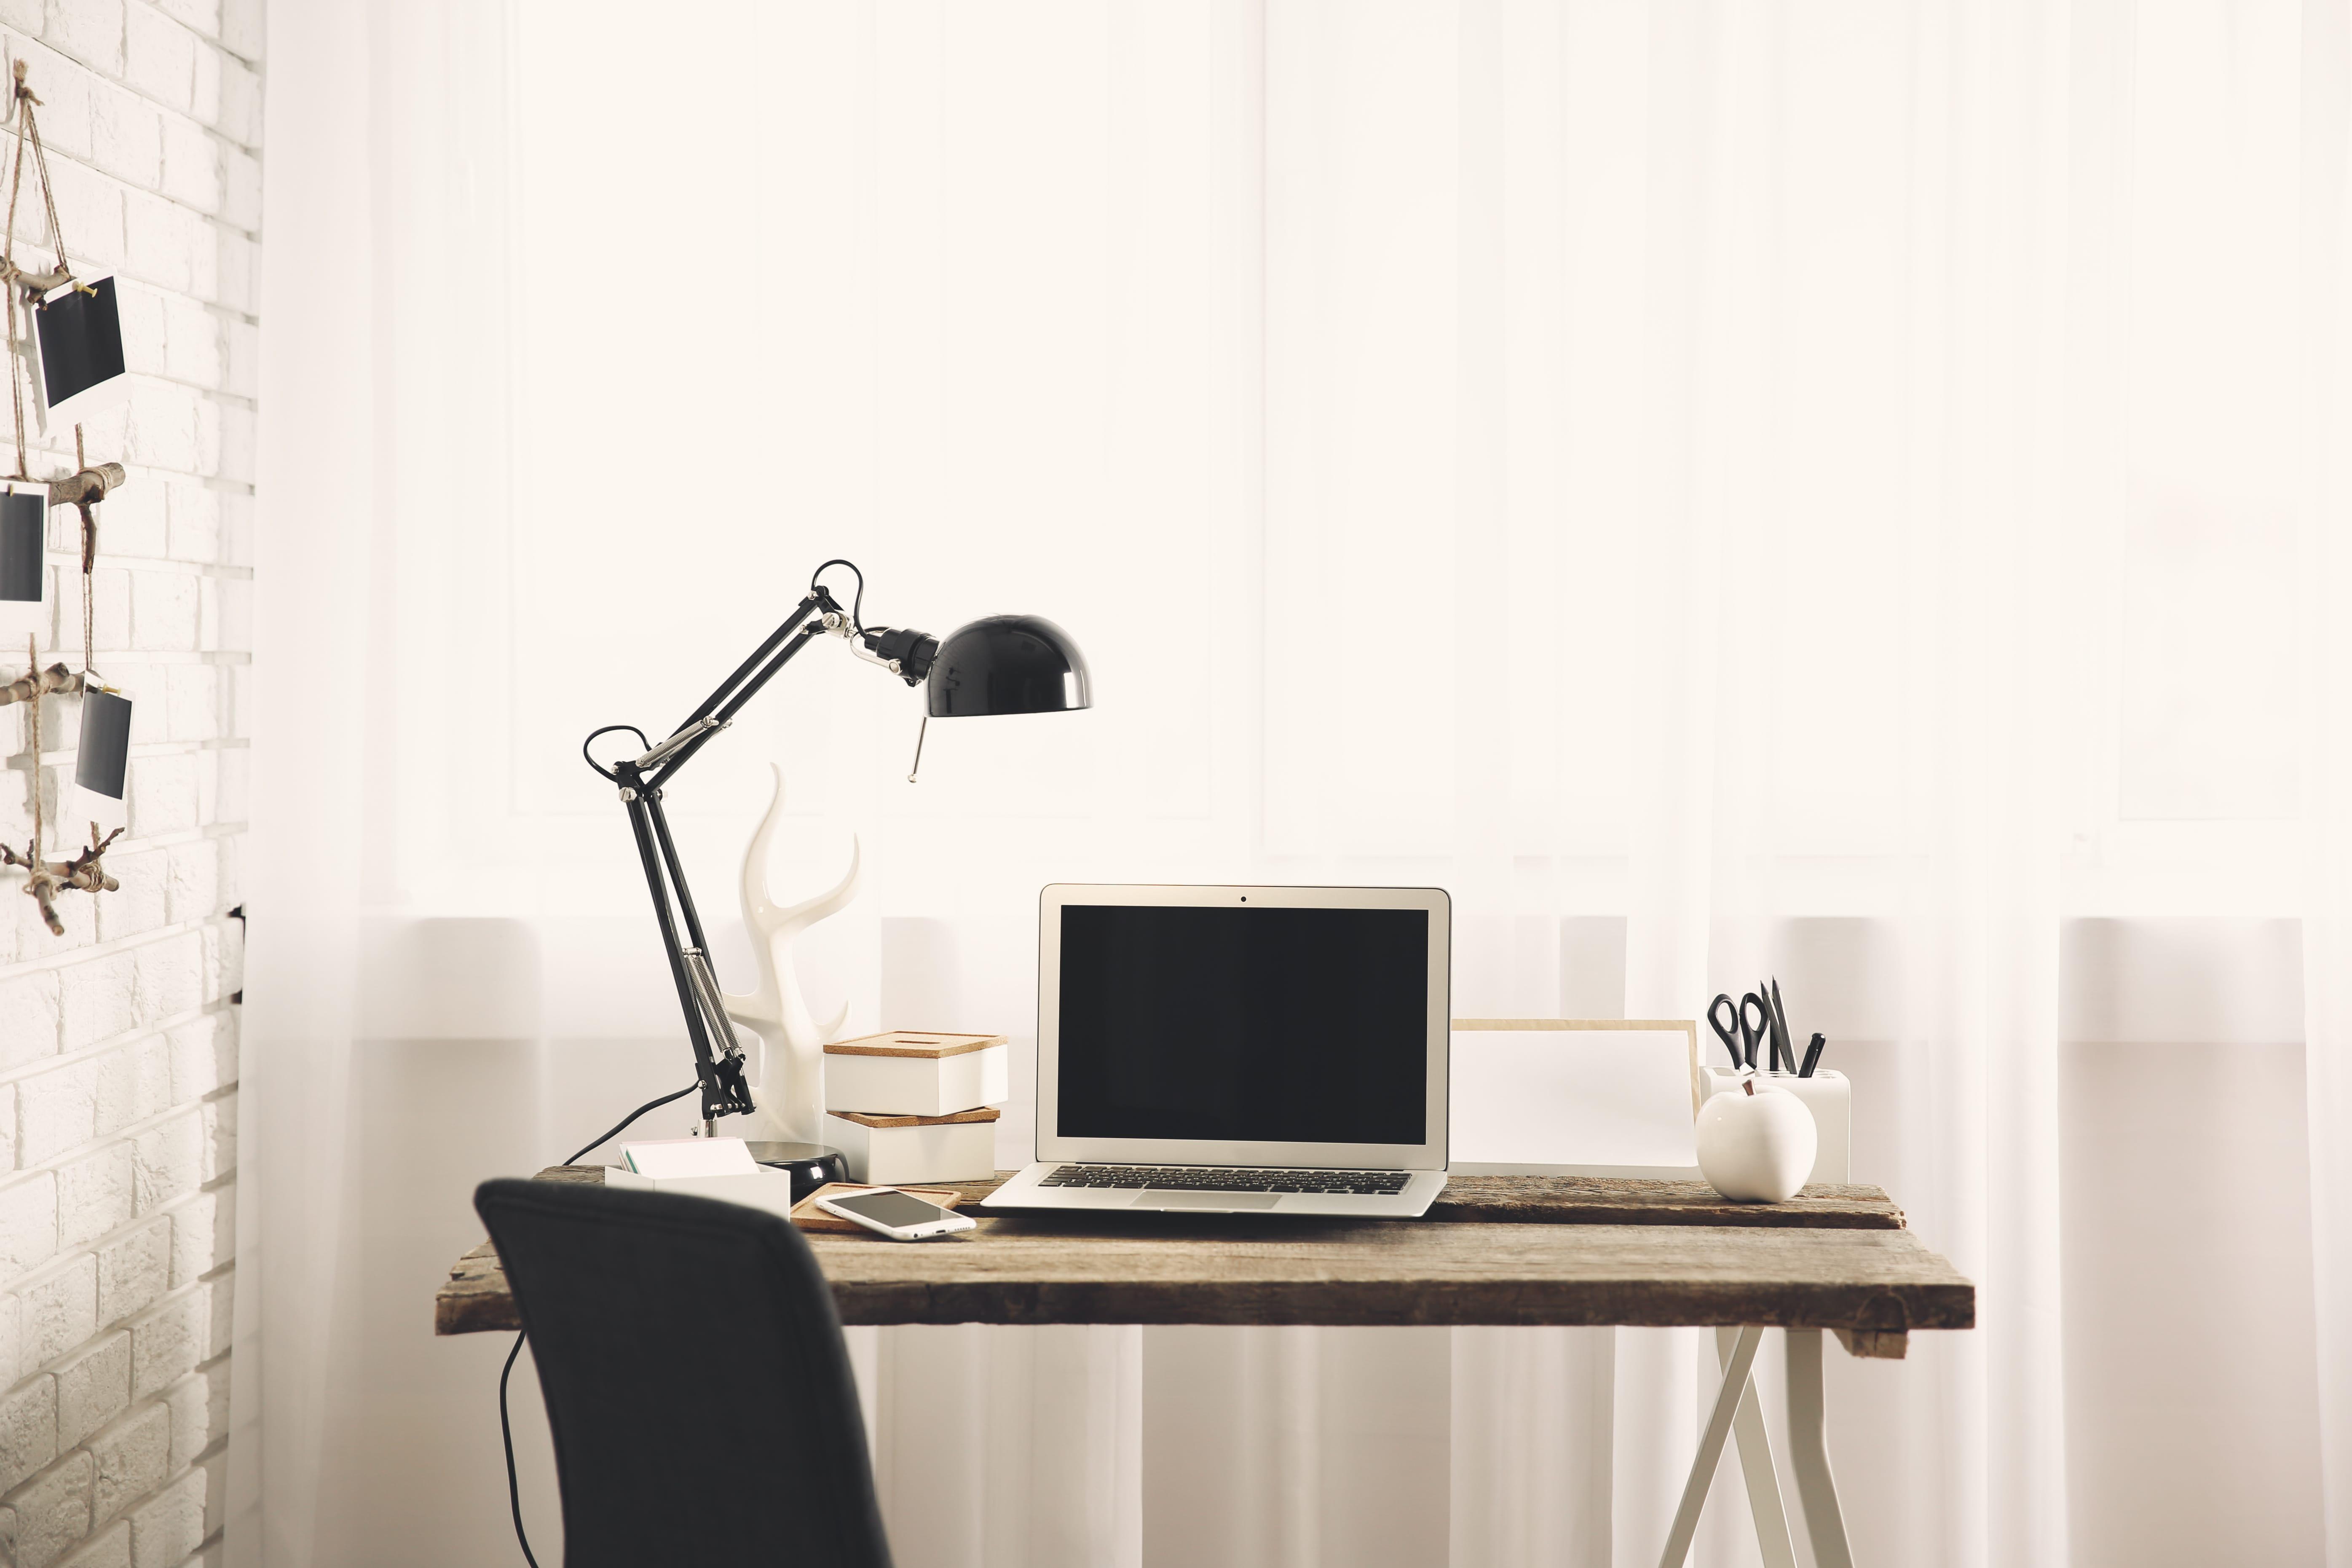 Beleuchtung im Arbeitszimmer: 3 Tipps die verraten worauf es ankommt